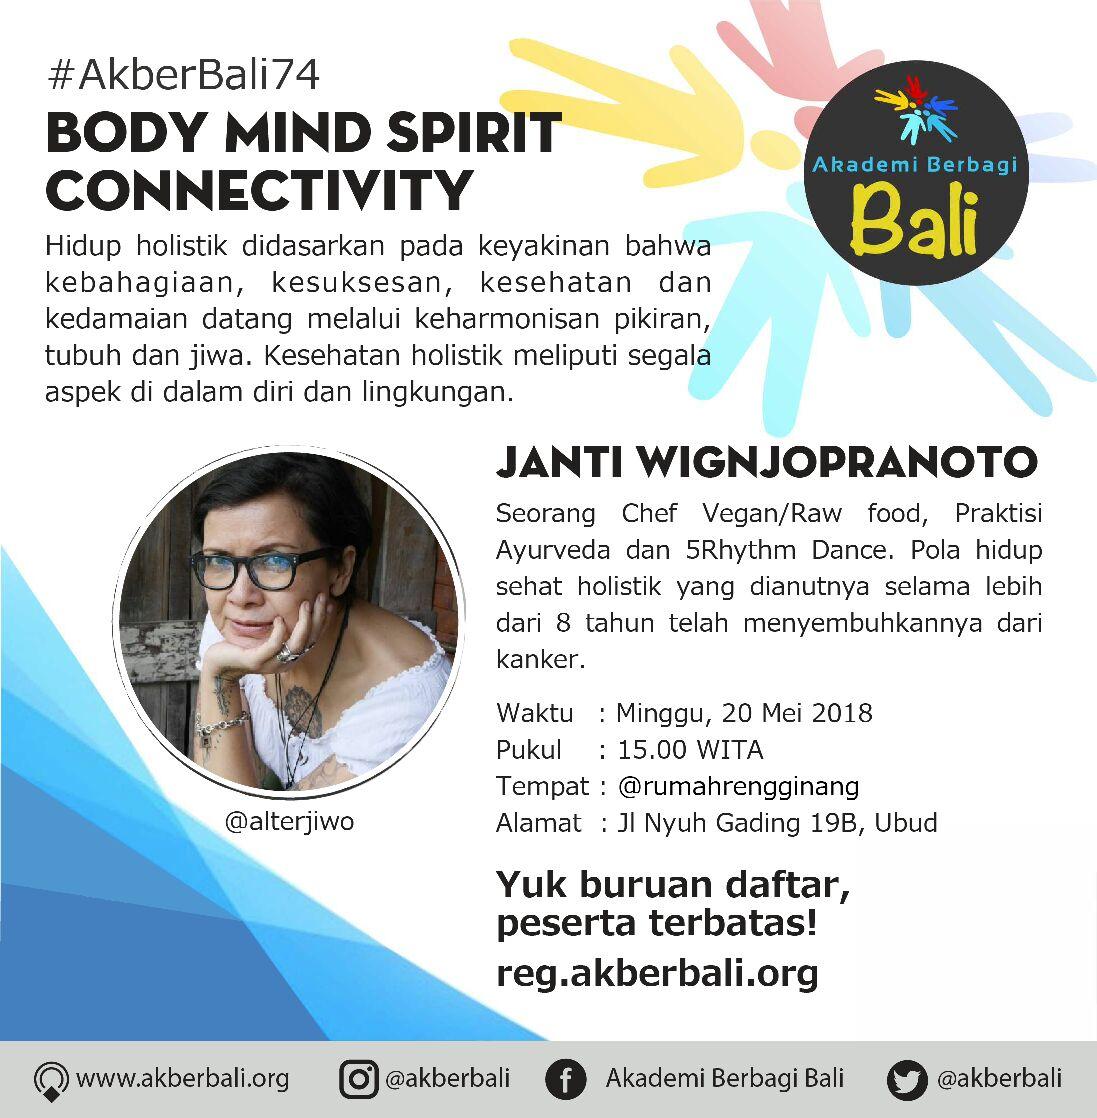 Bali: Body Mind Spirit Connectivity